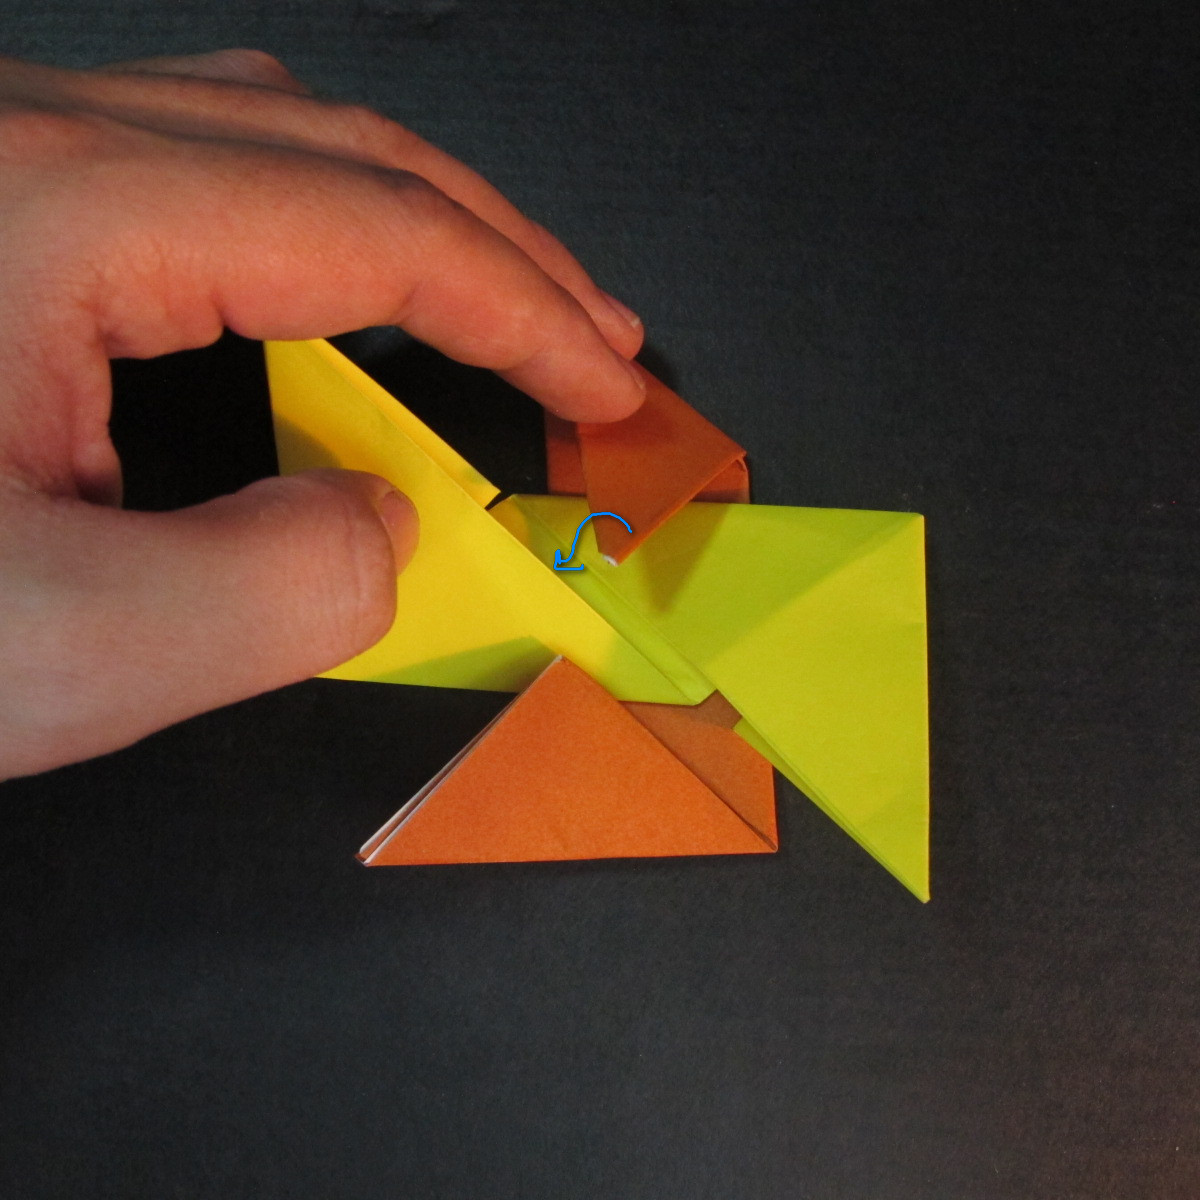 สอนวิธีพับกระดาษเป็นดาวกระจายนินจา (Shuriken Origami) - 009